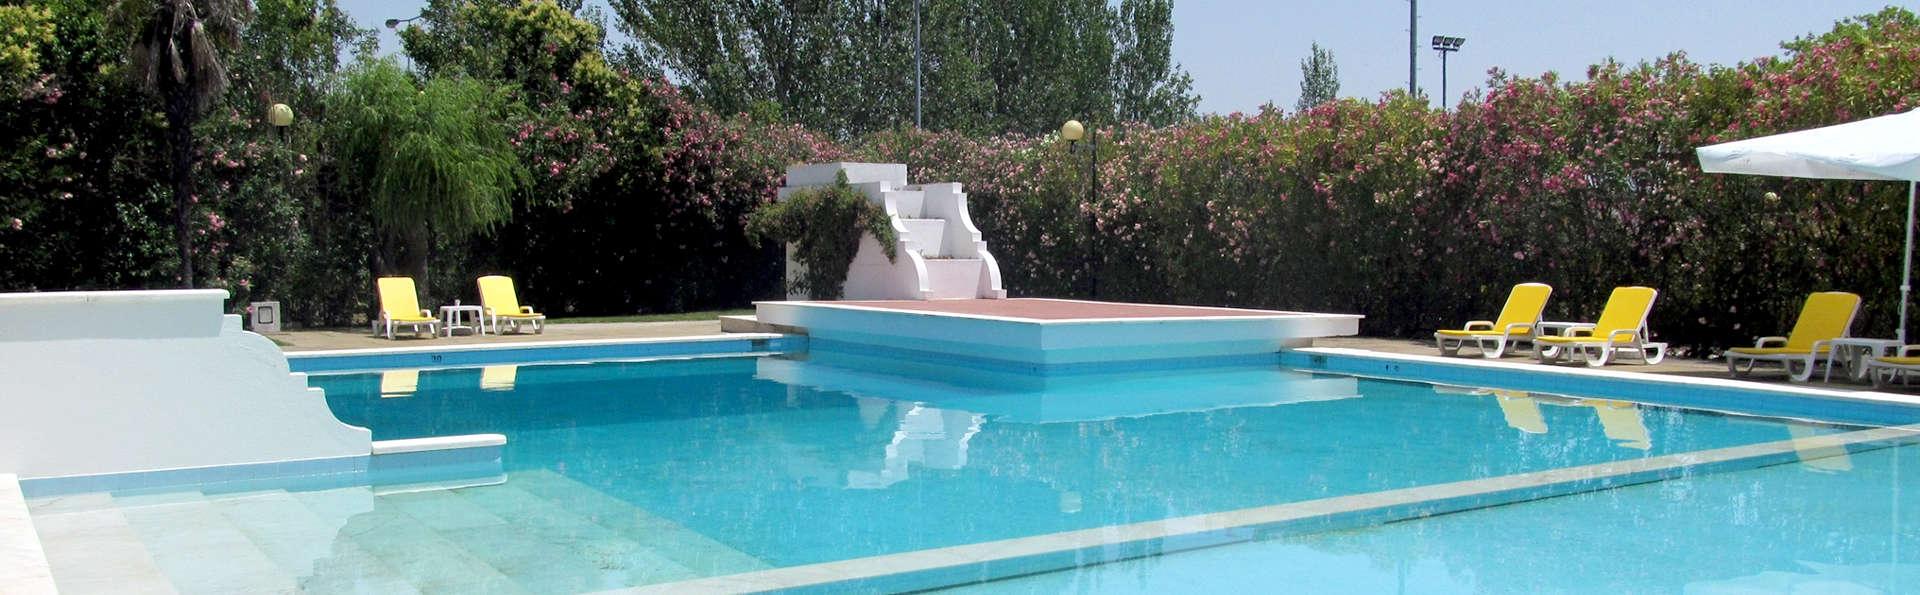 SL Hotel Santa Luzia - Elvas - Edit_Pool2.jpg